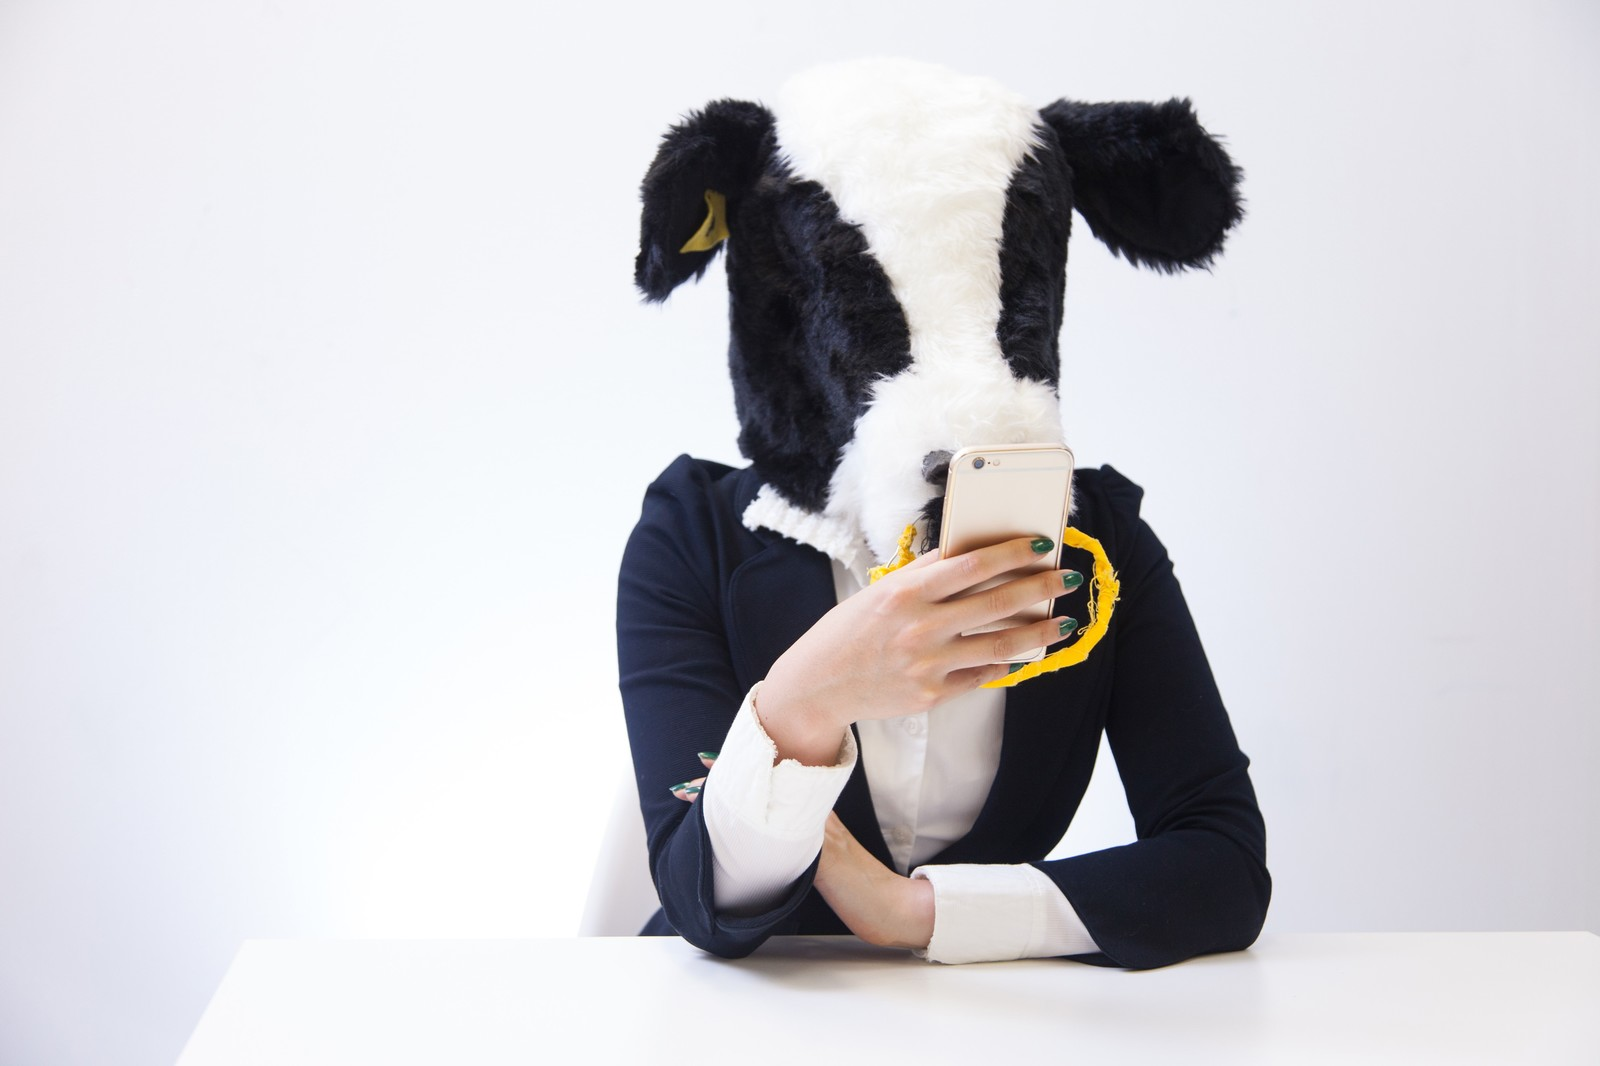 「スマホでニュースサイトをチェックする牛スマホでニュースサイトをチェックする牛」[モデル:古性のっち]のフリー写真素材を拡大